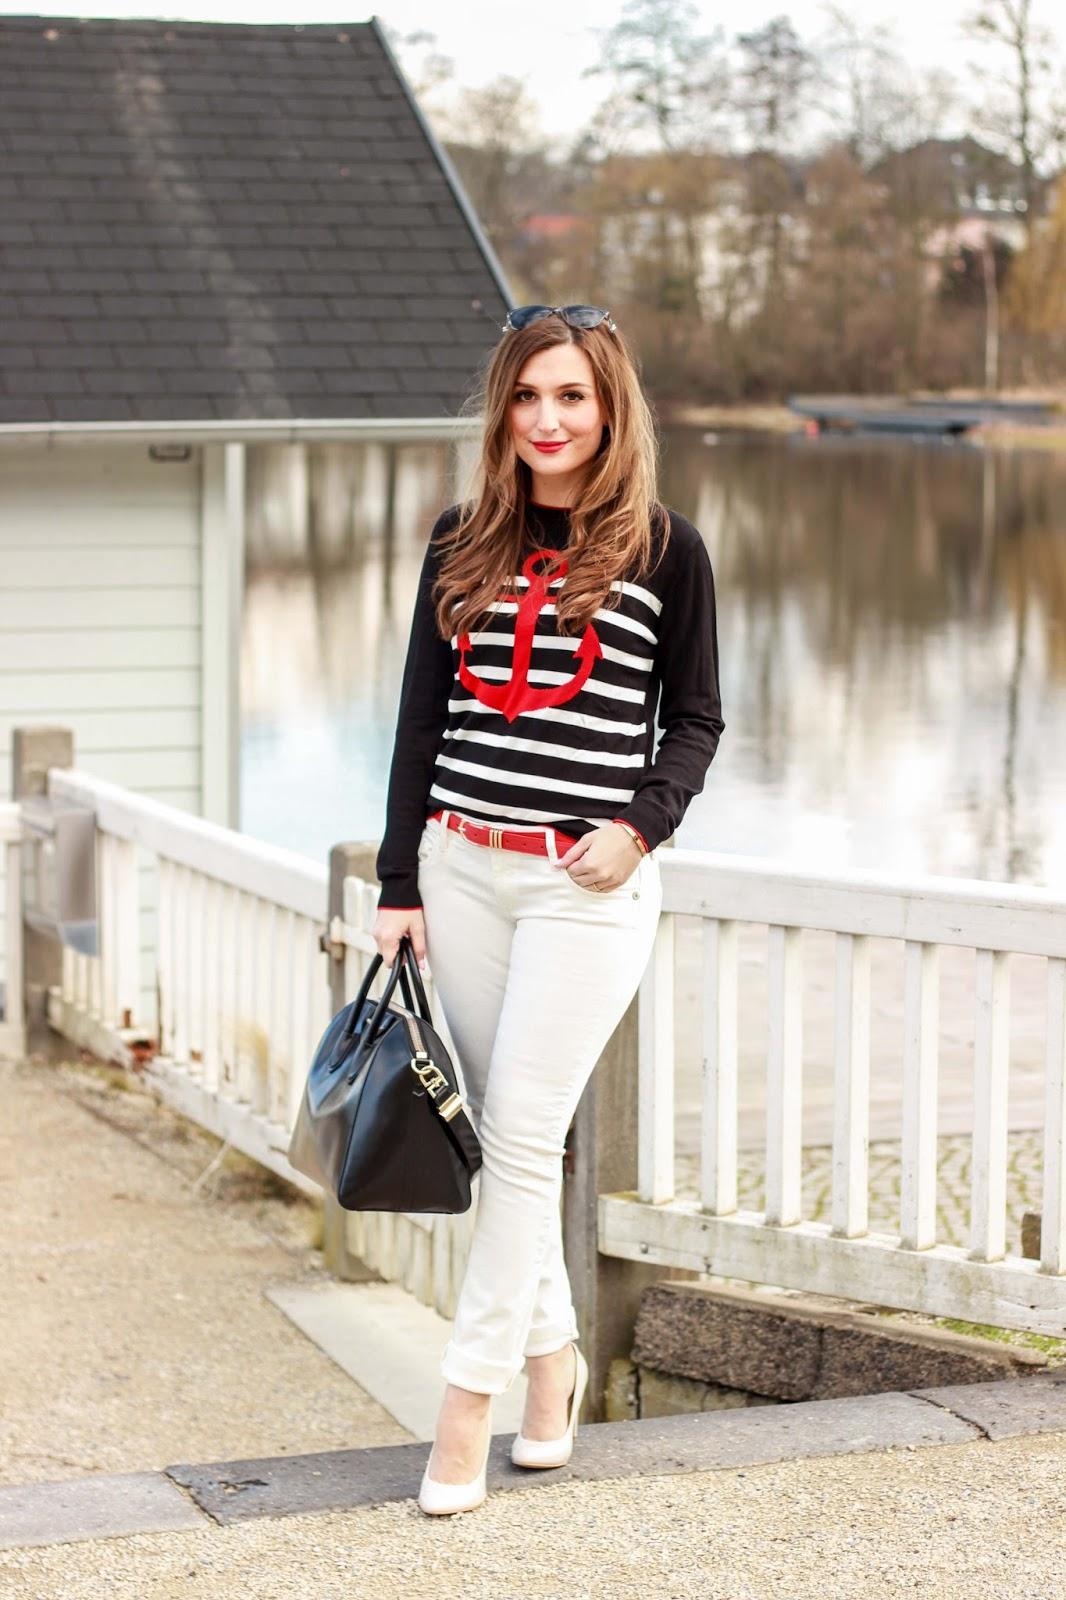 Ringelpullover - Pullover mit Anker -Deutsche Fashionblogger - LifestyleblogConleys-Conleys Pullover-Pullover von Conleys-Fashionstylebyjohanna-Fashionblogger aus Deutschland